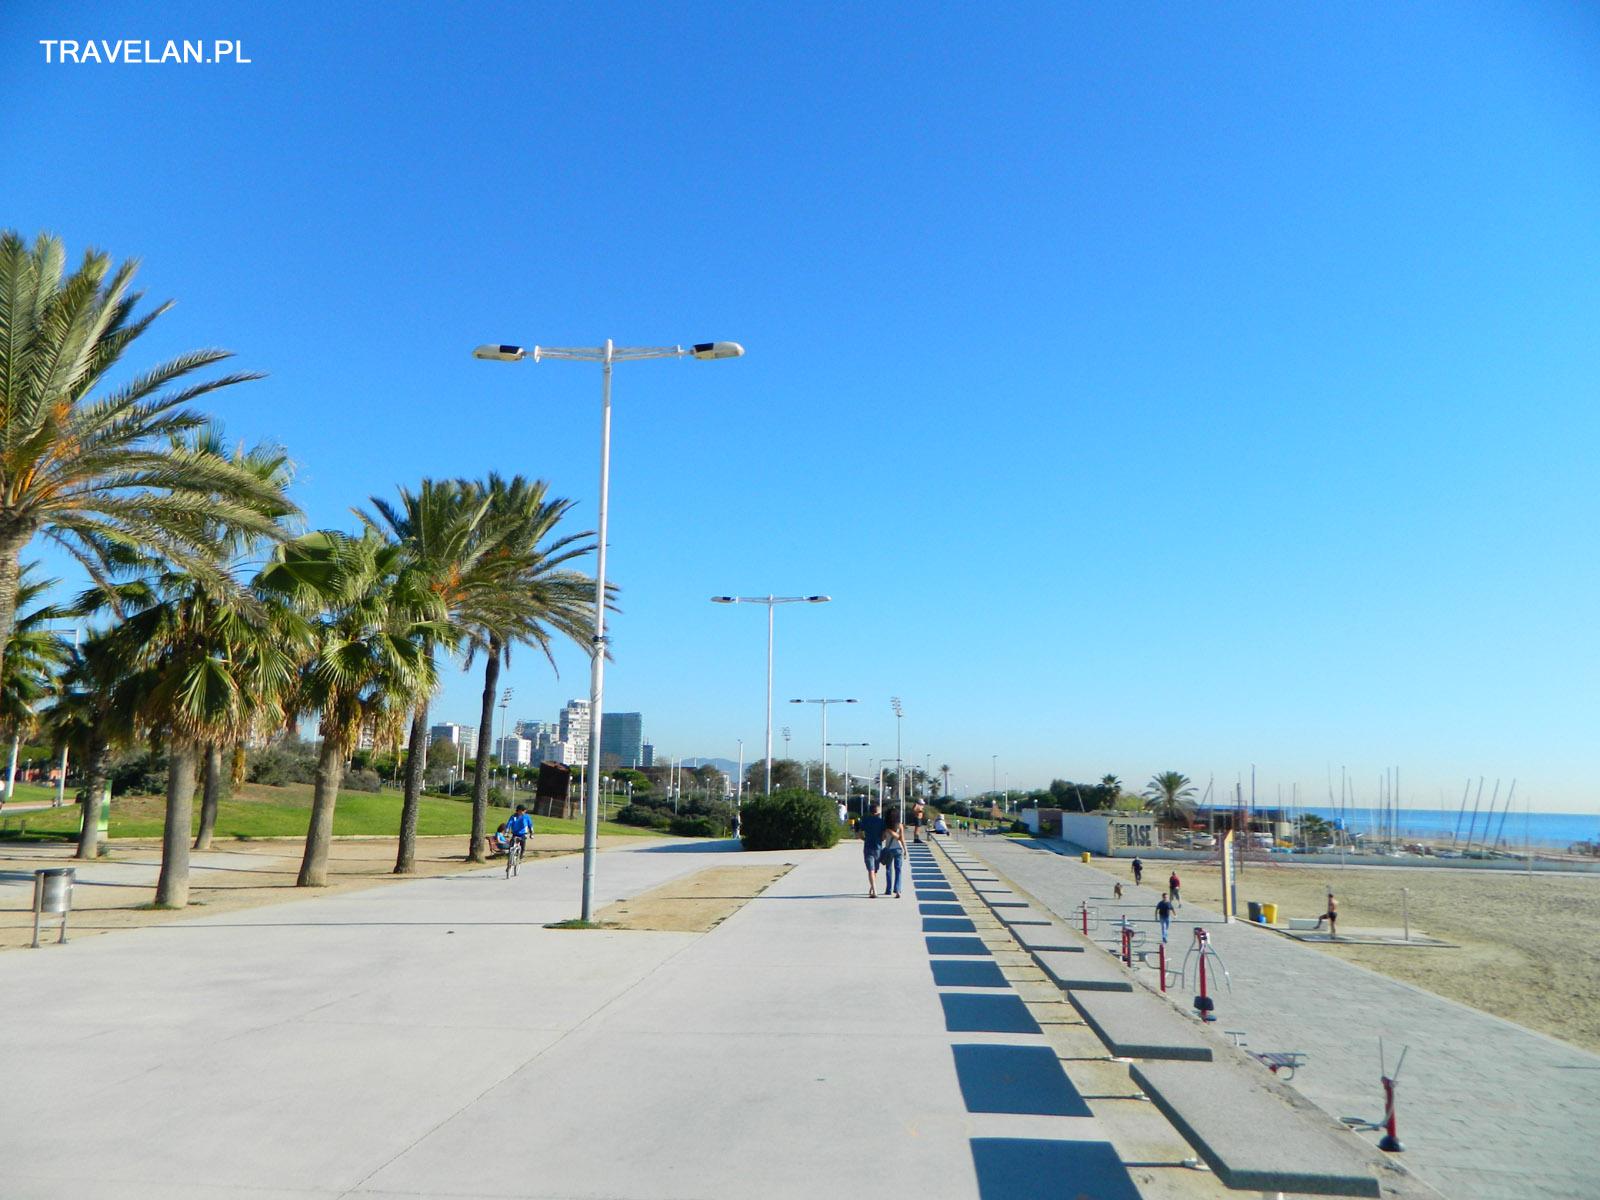 Wzdłuż plaż ciągną się kilometrowe deptaki i ścieżki rowerowe